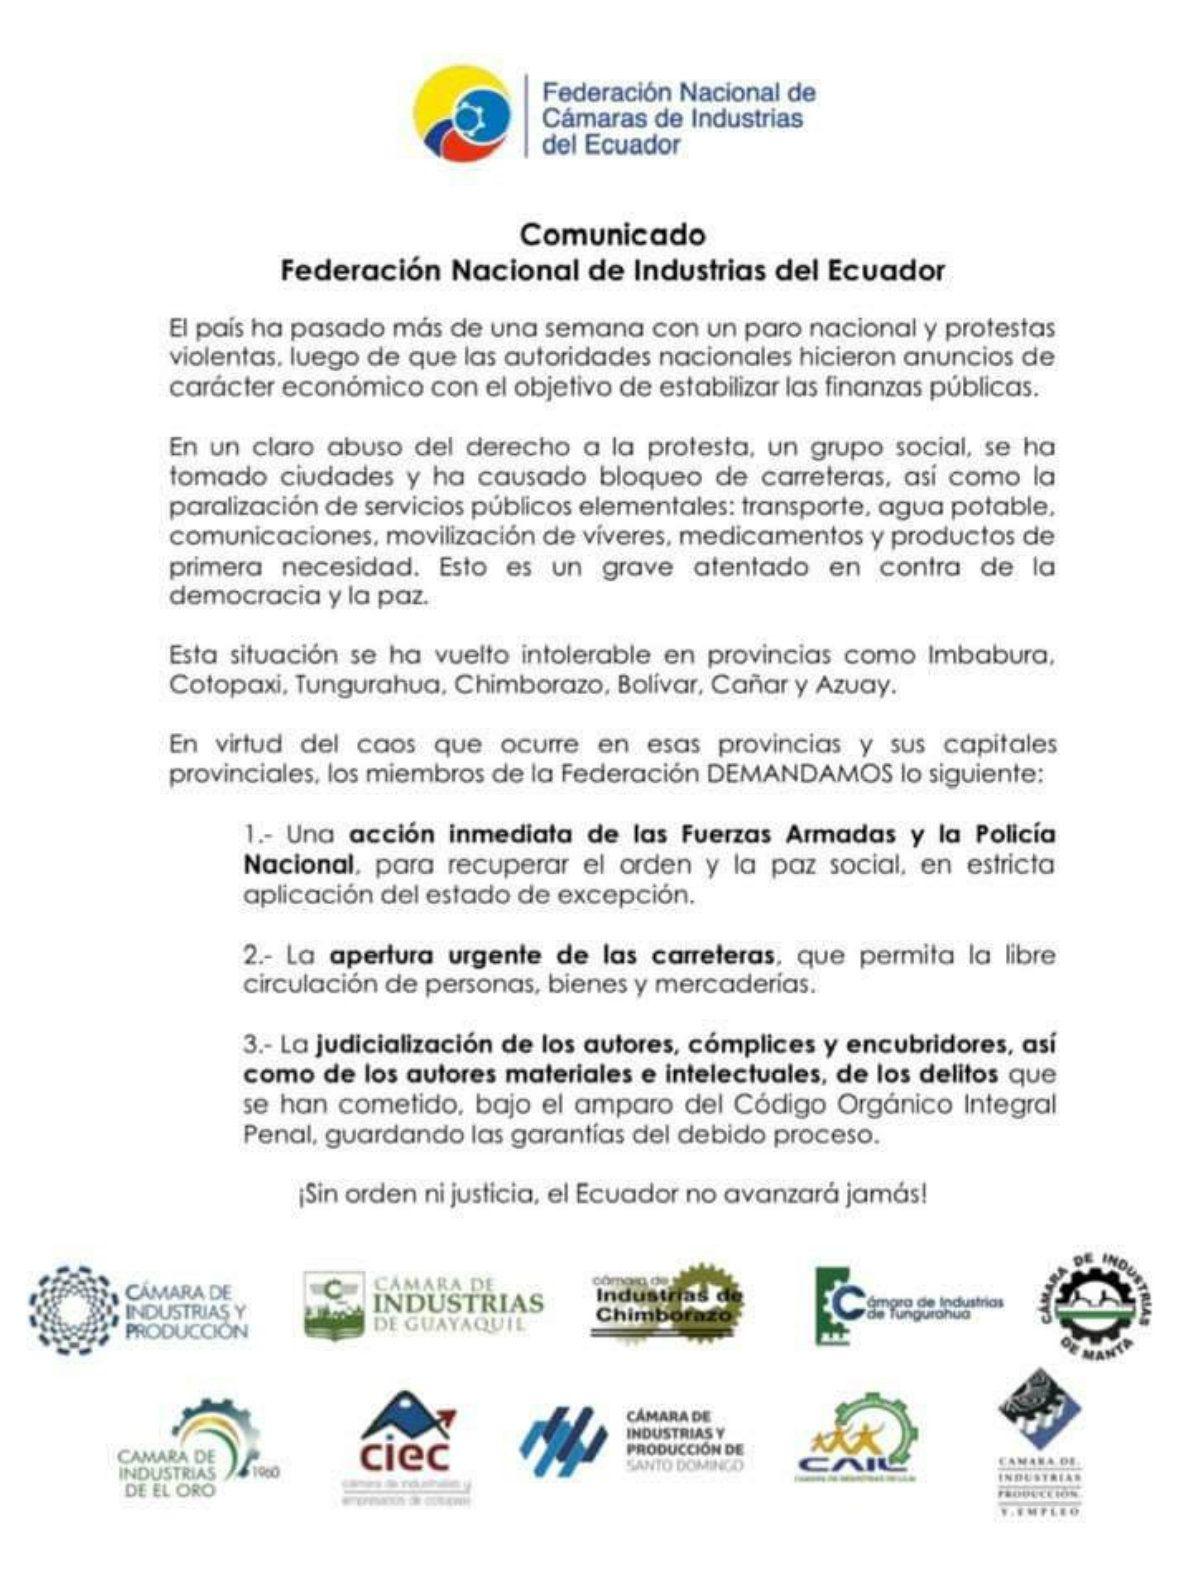 Los industriales de Ecuador pidieron la acción inmediata de las Fuerzas Armadas para reprimir las protestas